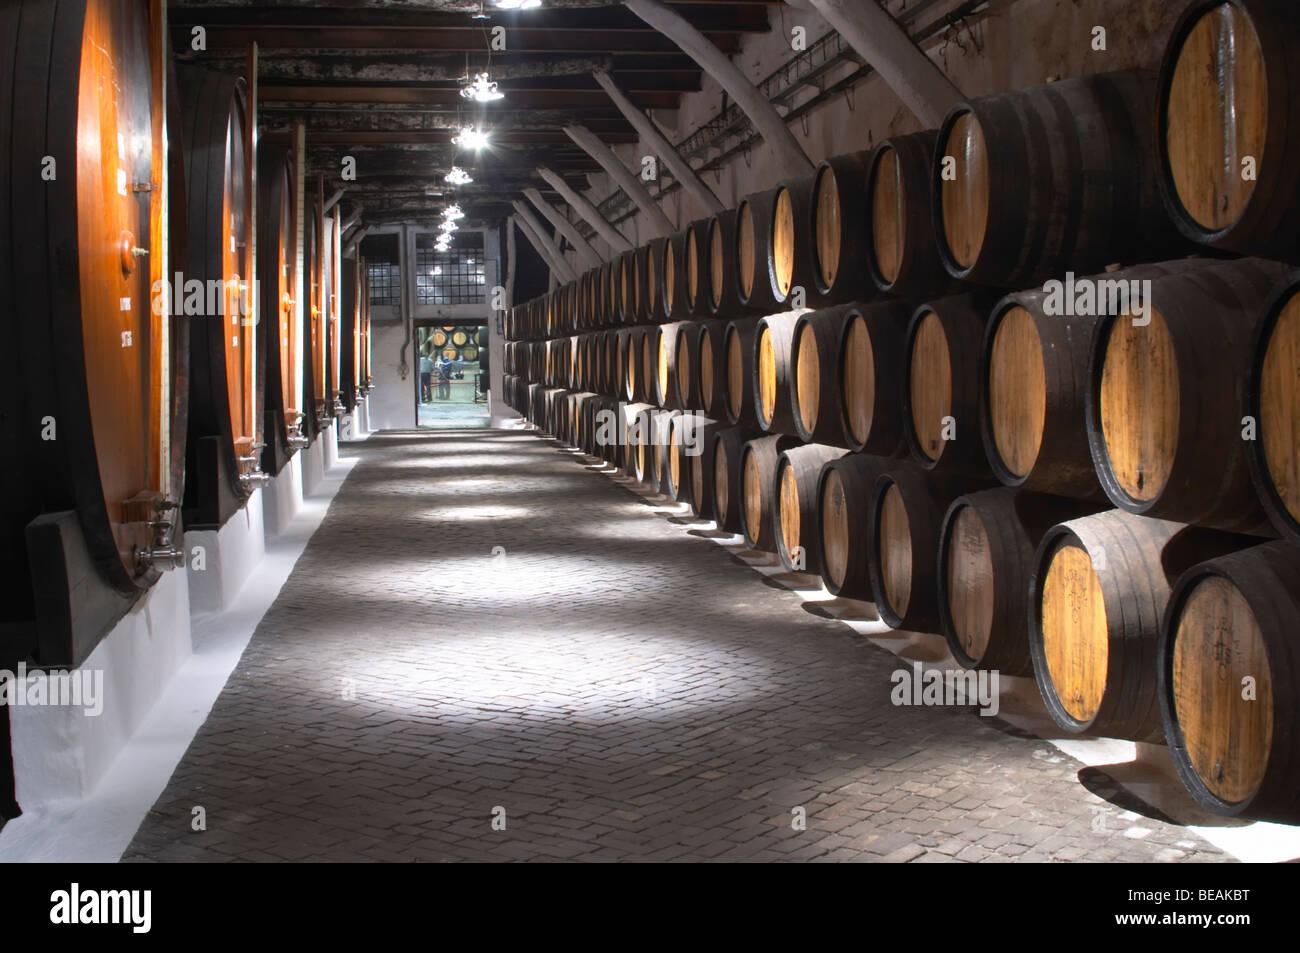 wooden vats sandeman port lodge vila nova de gaia porto portugal Stock Photo